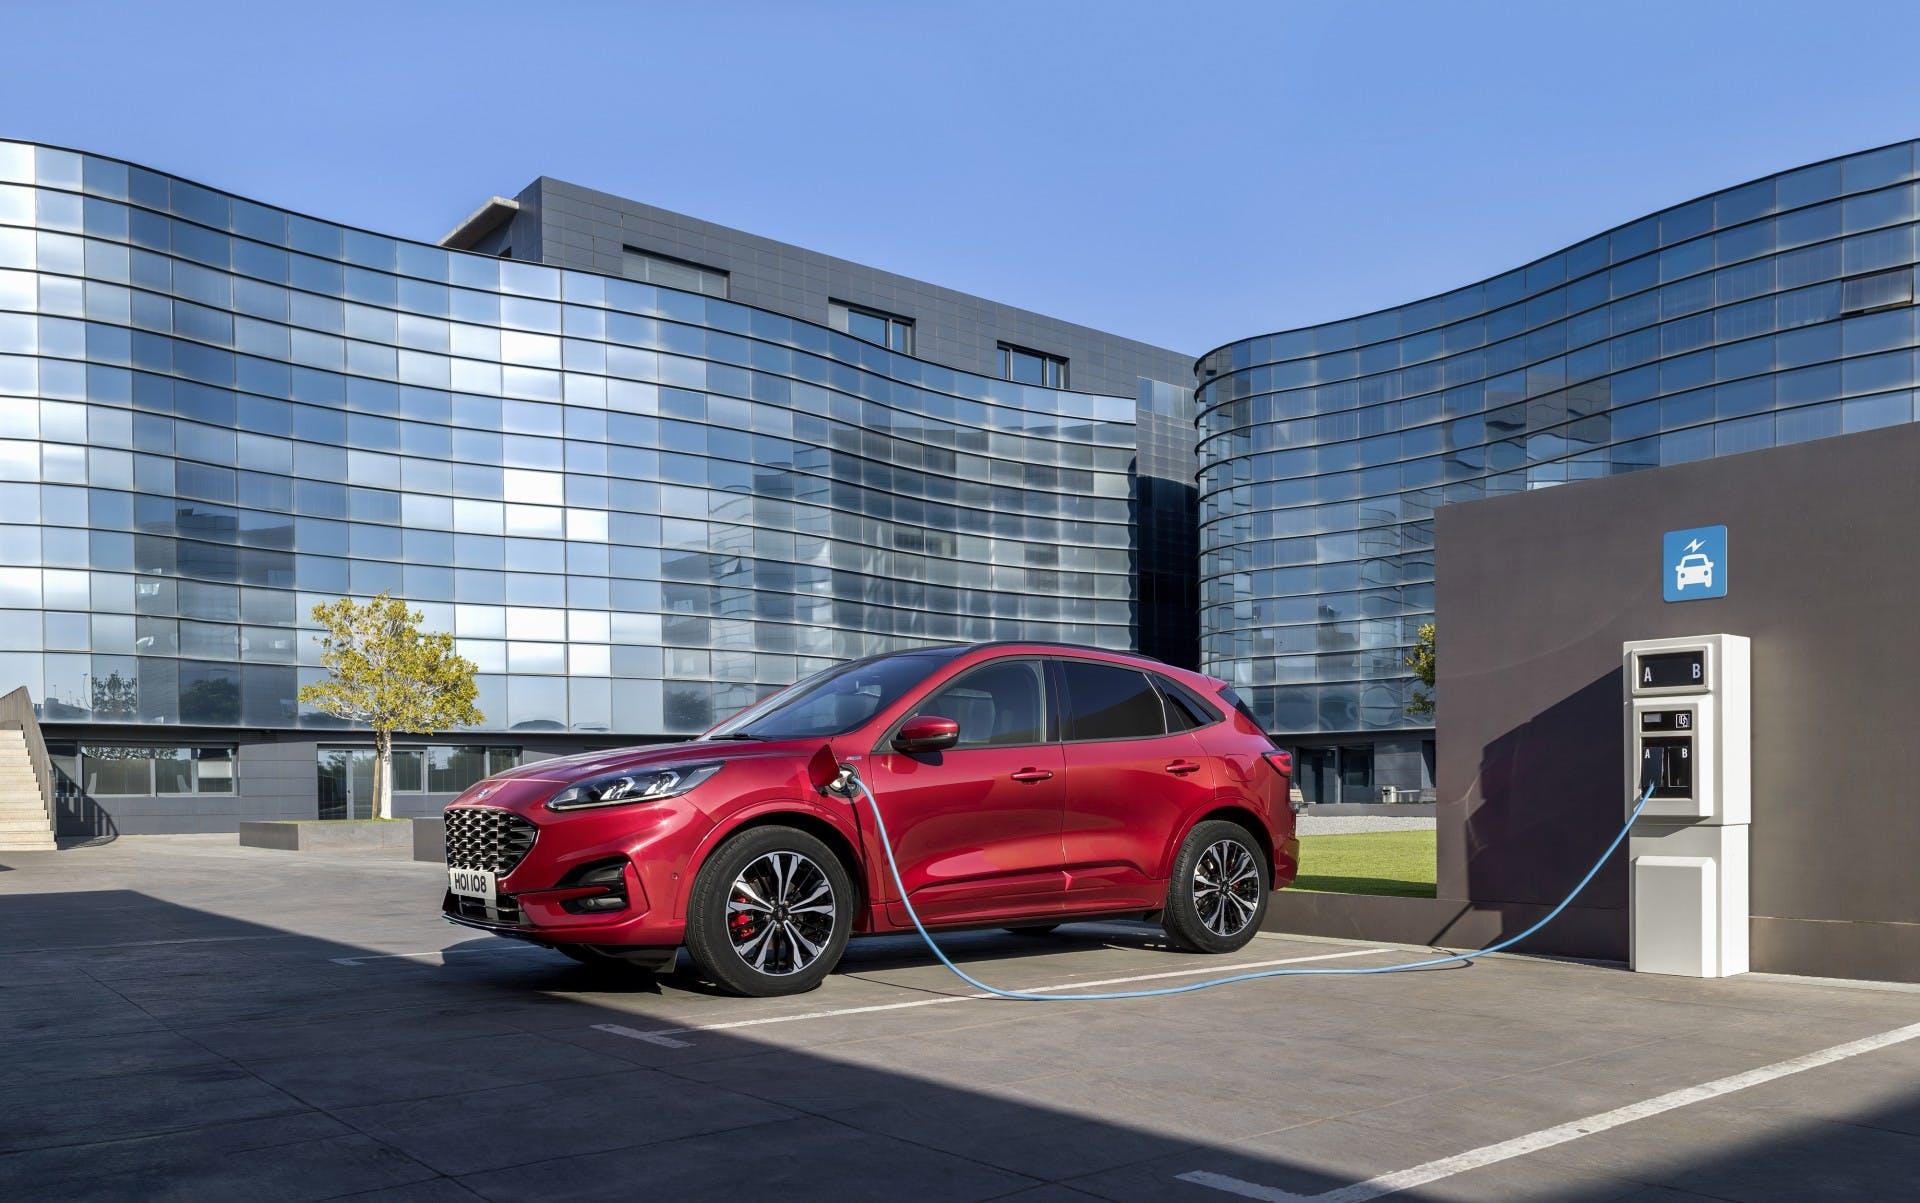 Ford Kuga plug-in 2019, tre quarti anteriore statica con ricarica